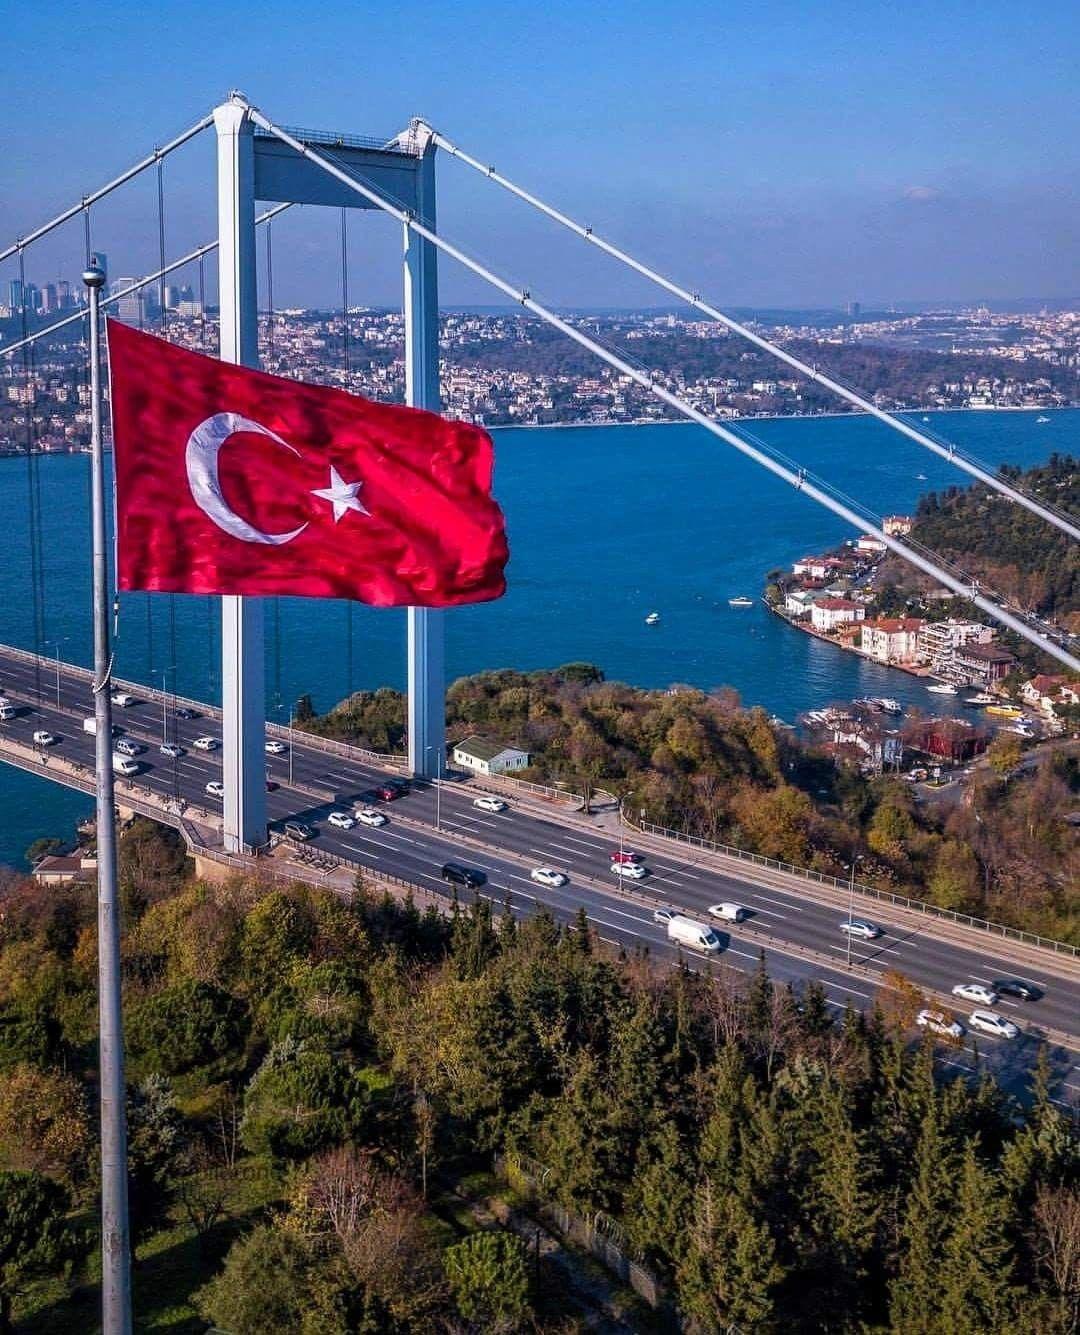 представляют самые красивые фото с турецким флагом наемным работникам